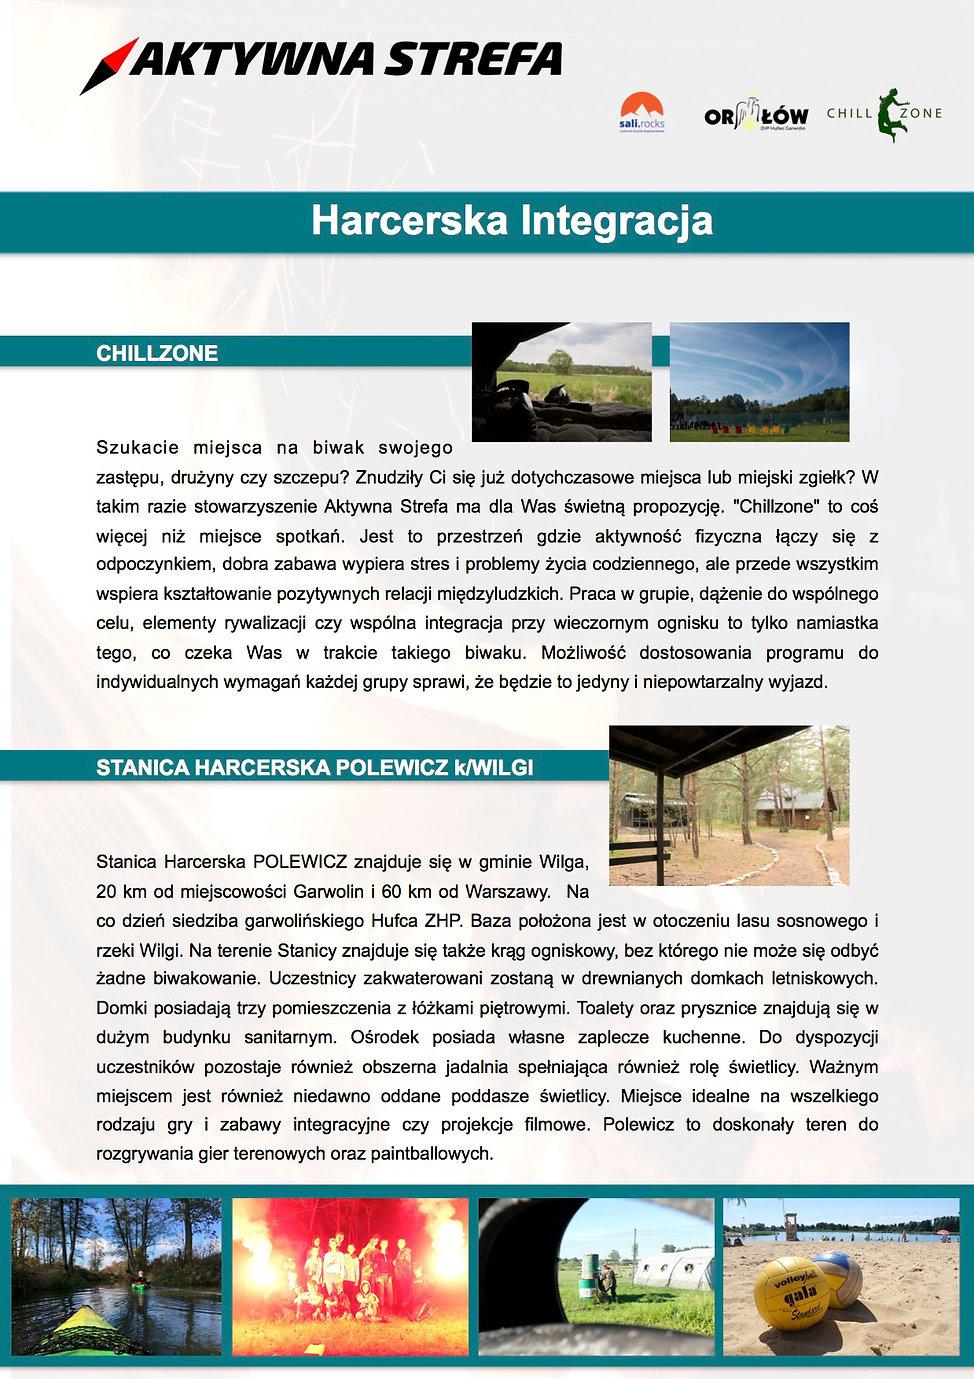 harcerze str.1.jpg